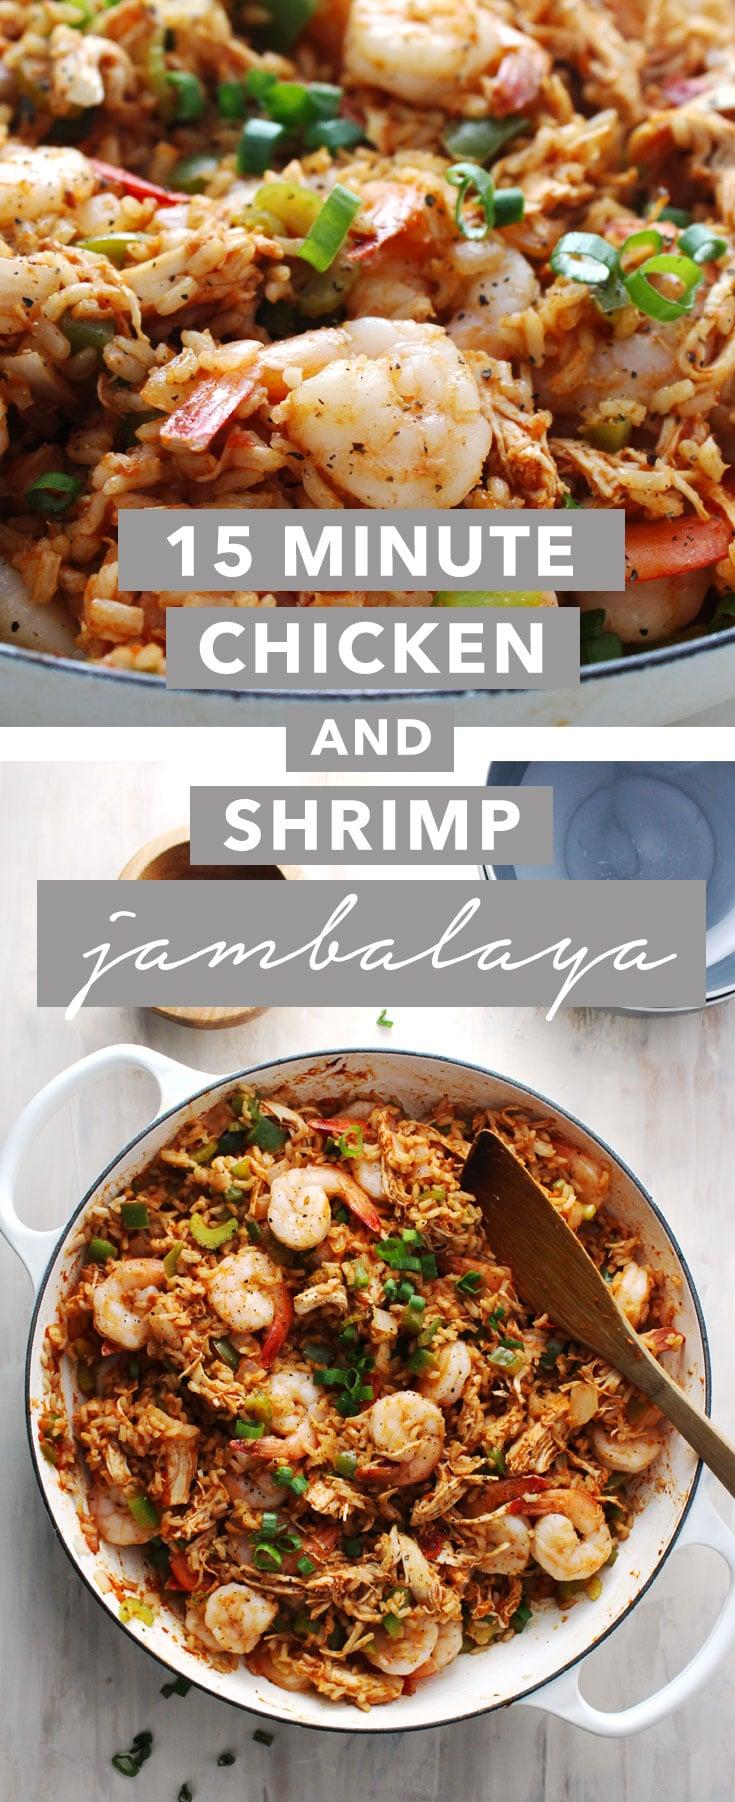 15 Minute Chicken and Shrimp Jambalaya